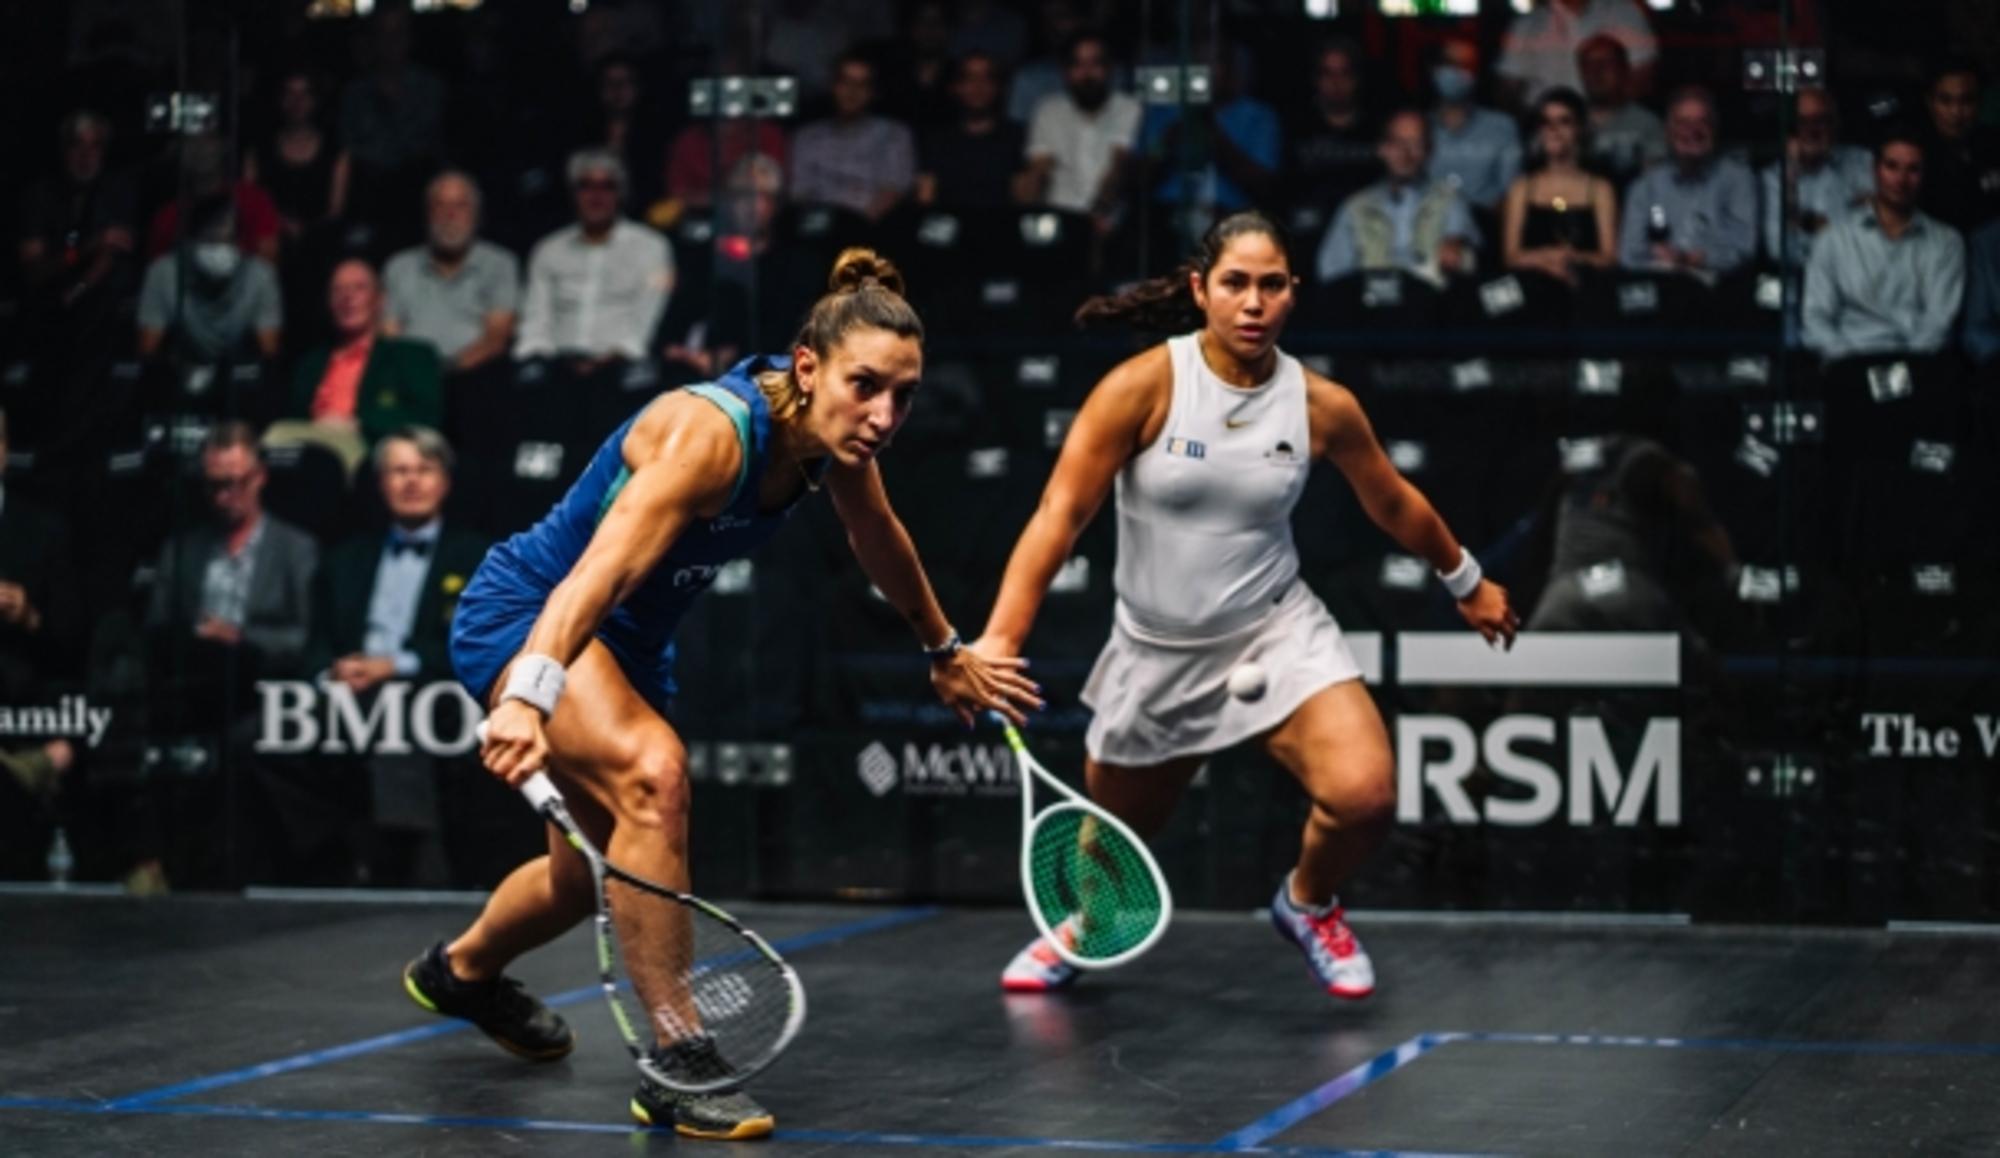 Camille Serme s'est imposée lors de la demi-finale des Championnats du monde de squash